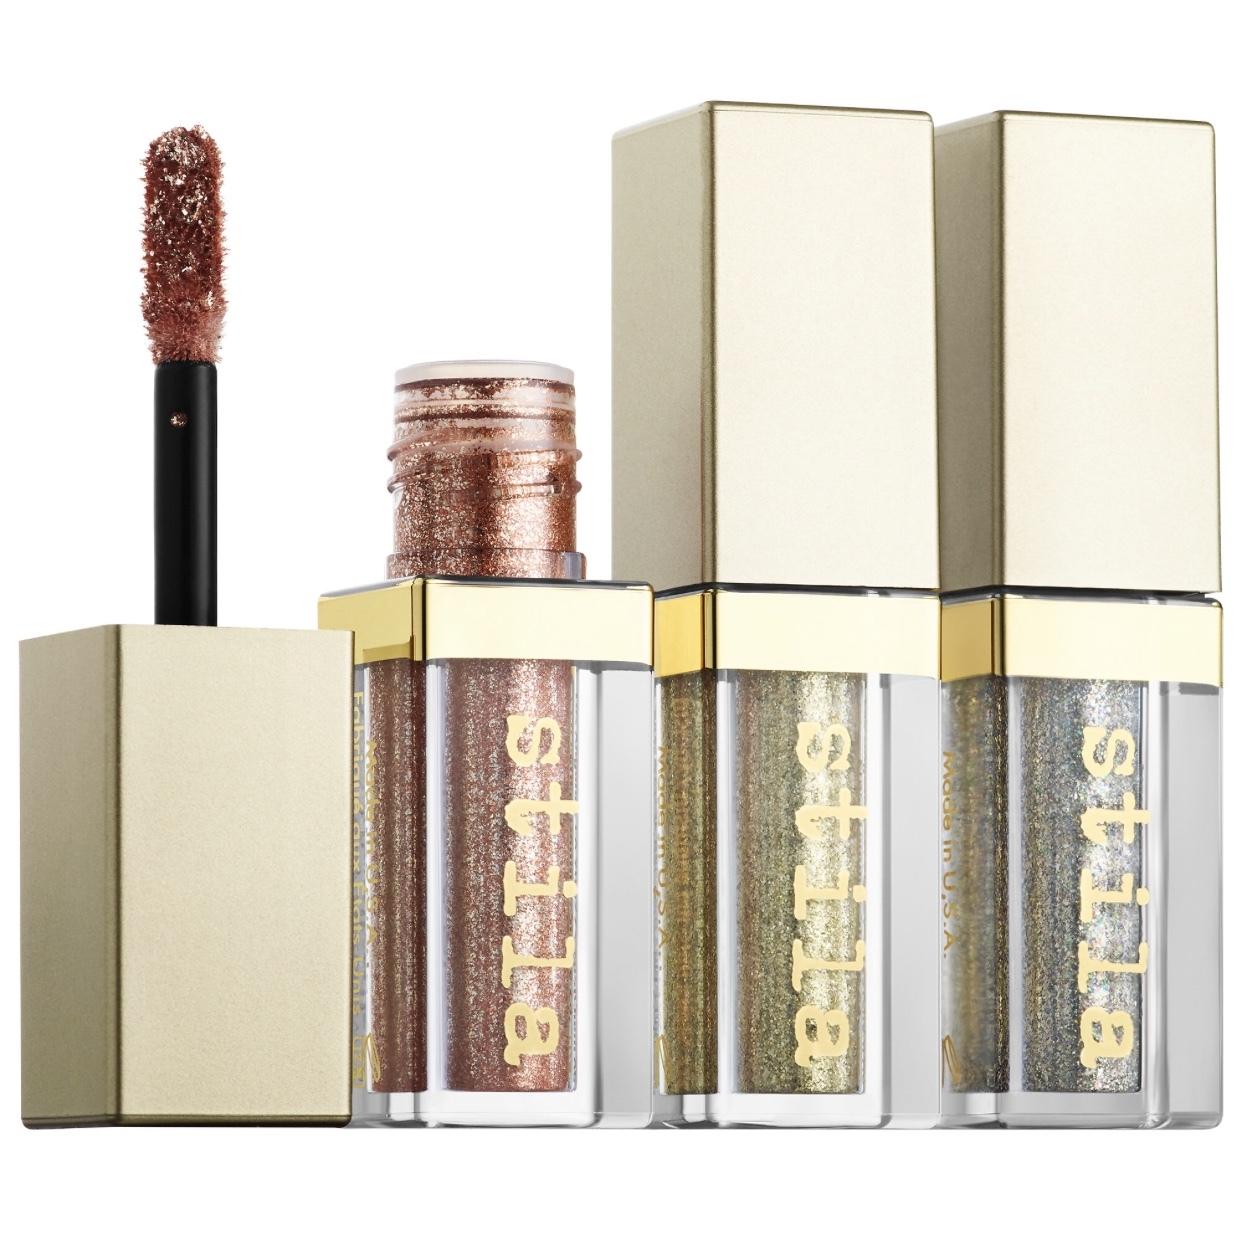 Stila Cosmetics — Oh My Stars Glitter & Glow Liquid Eye Shadow Mini Set